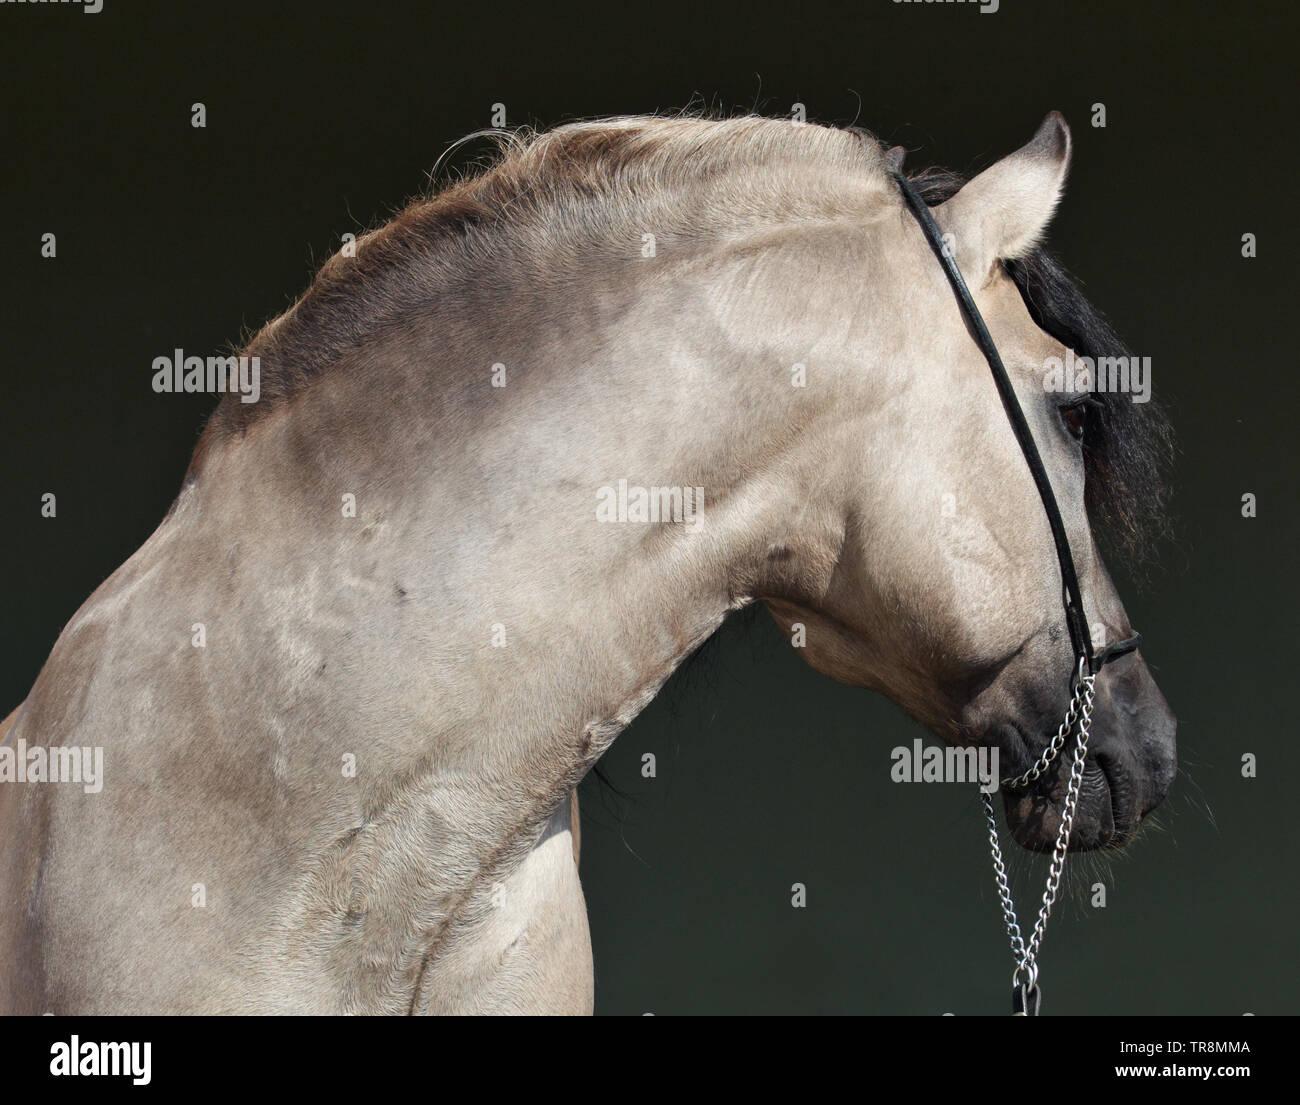 Rocky Mountain Horse Portrait dans la ferme, très portrain en porte sombre Banque D'Images